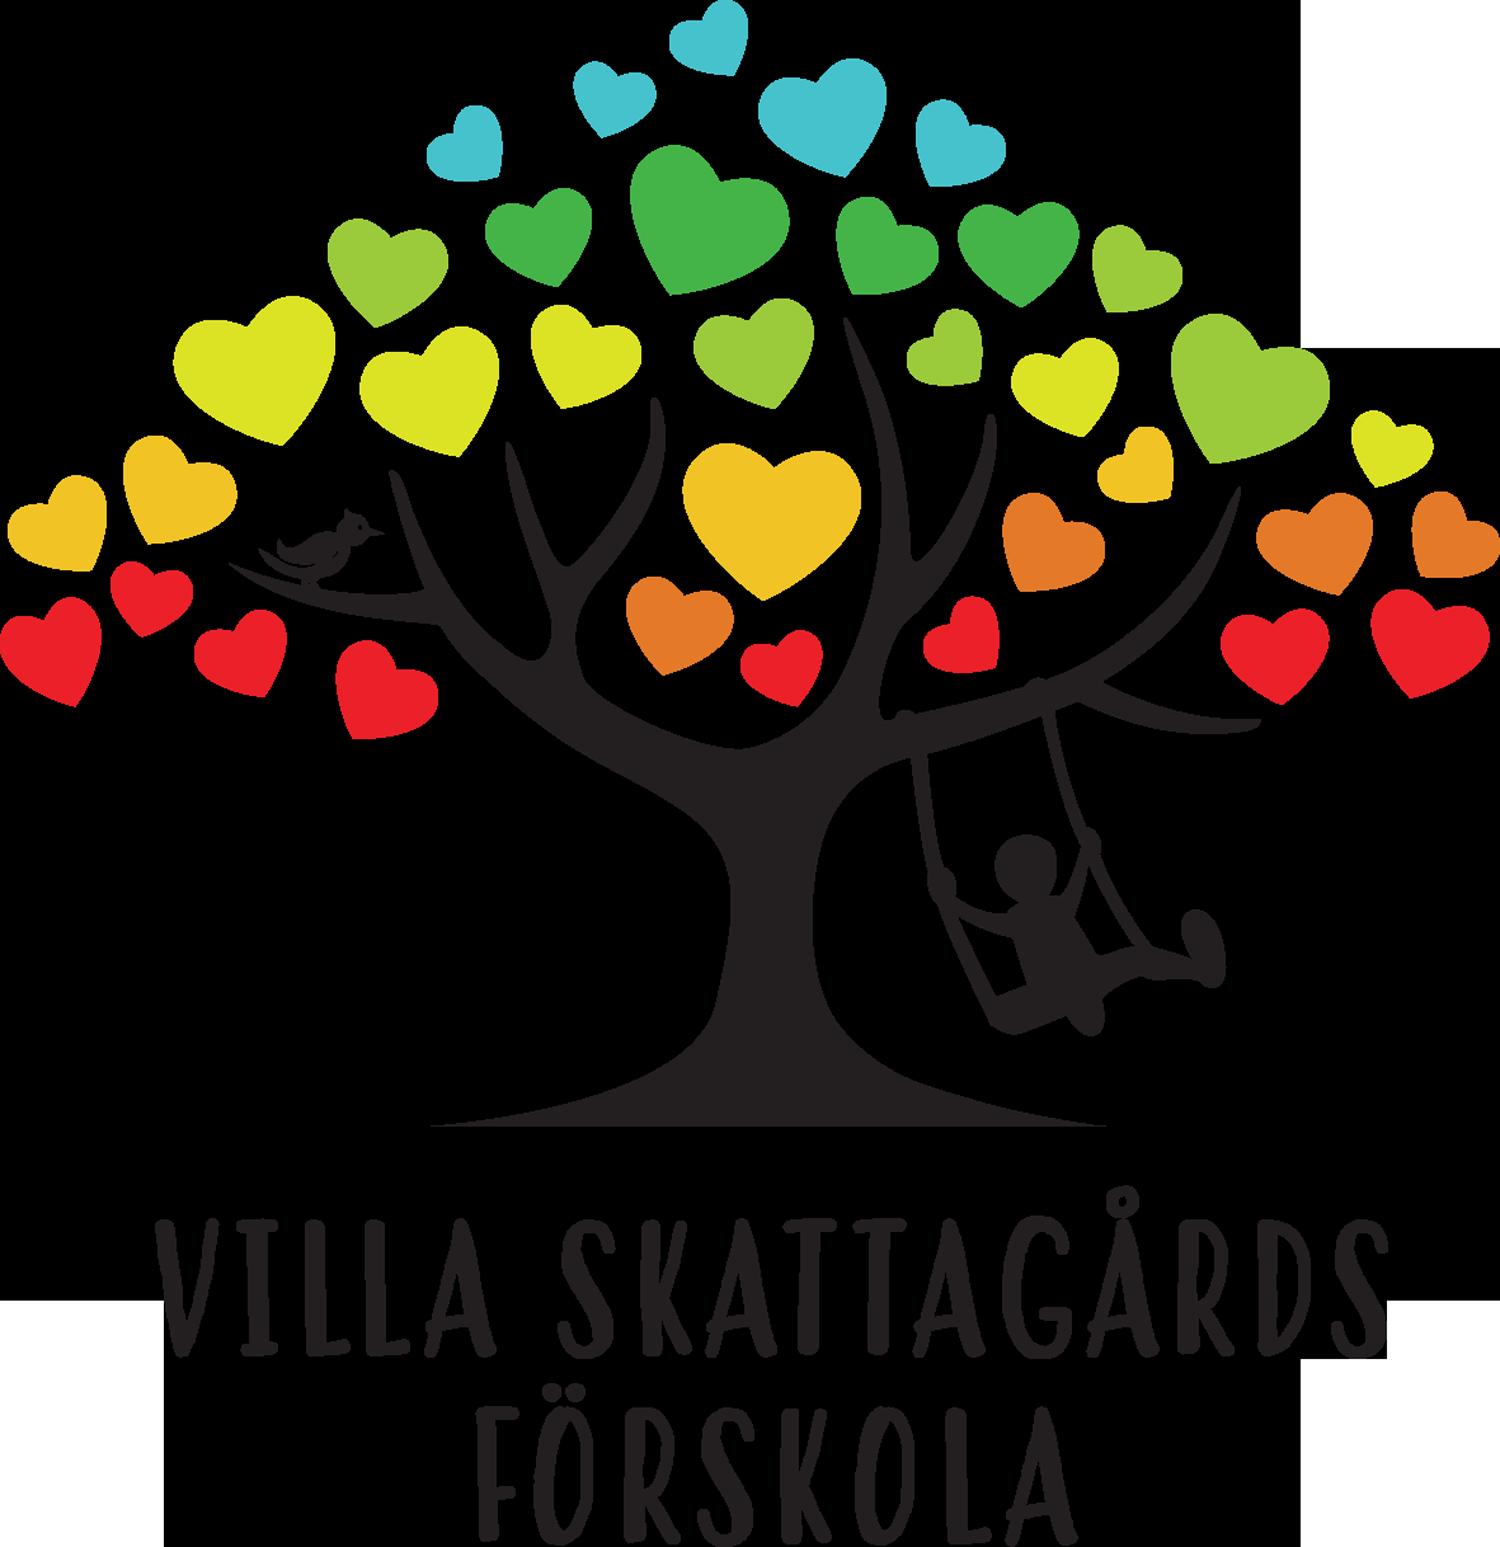 Villa Skattagårds Förskola